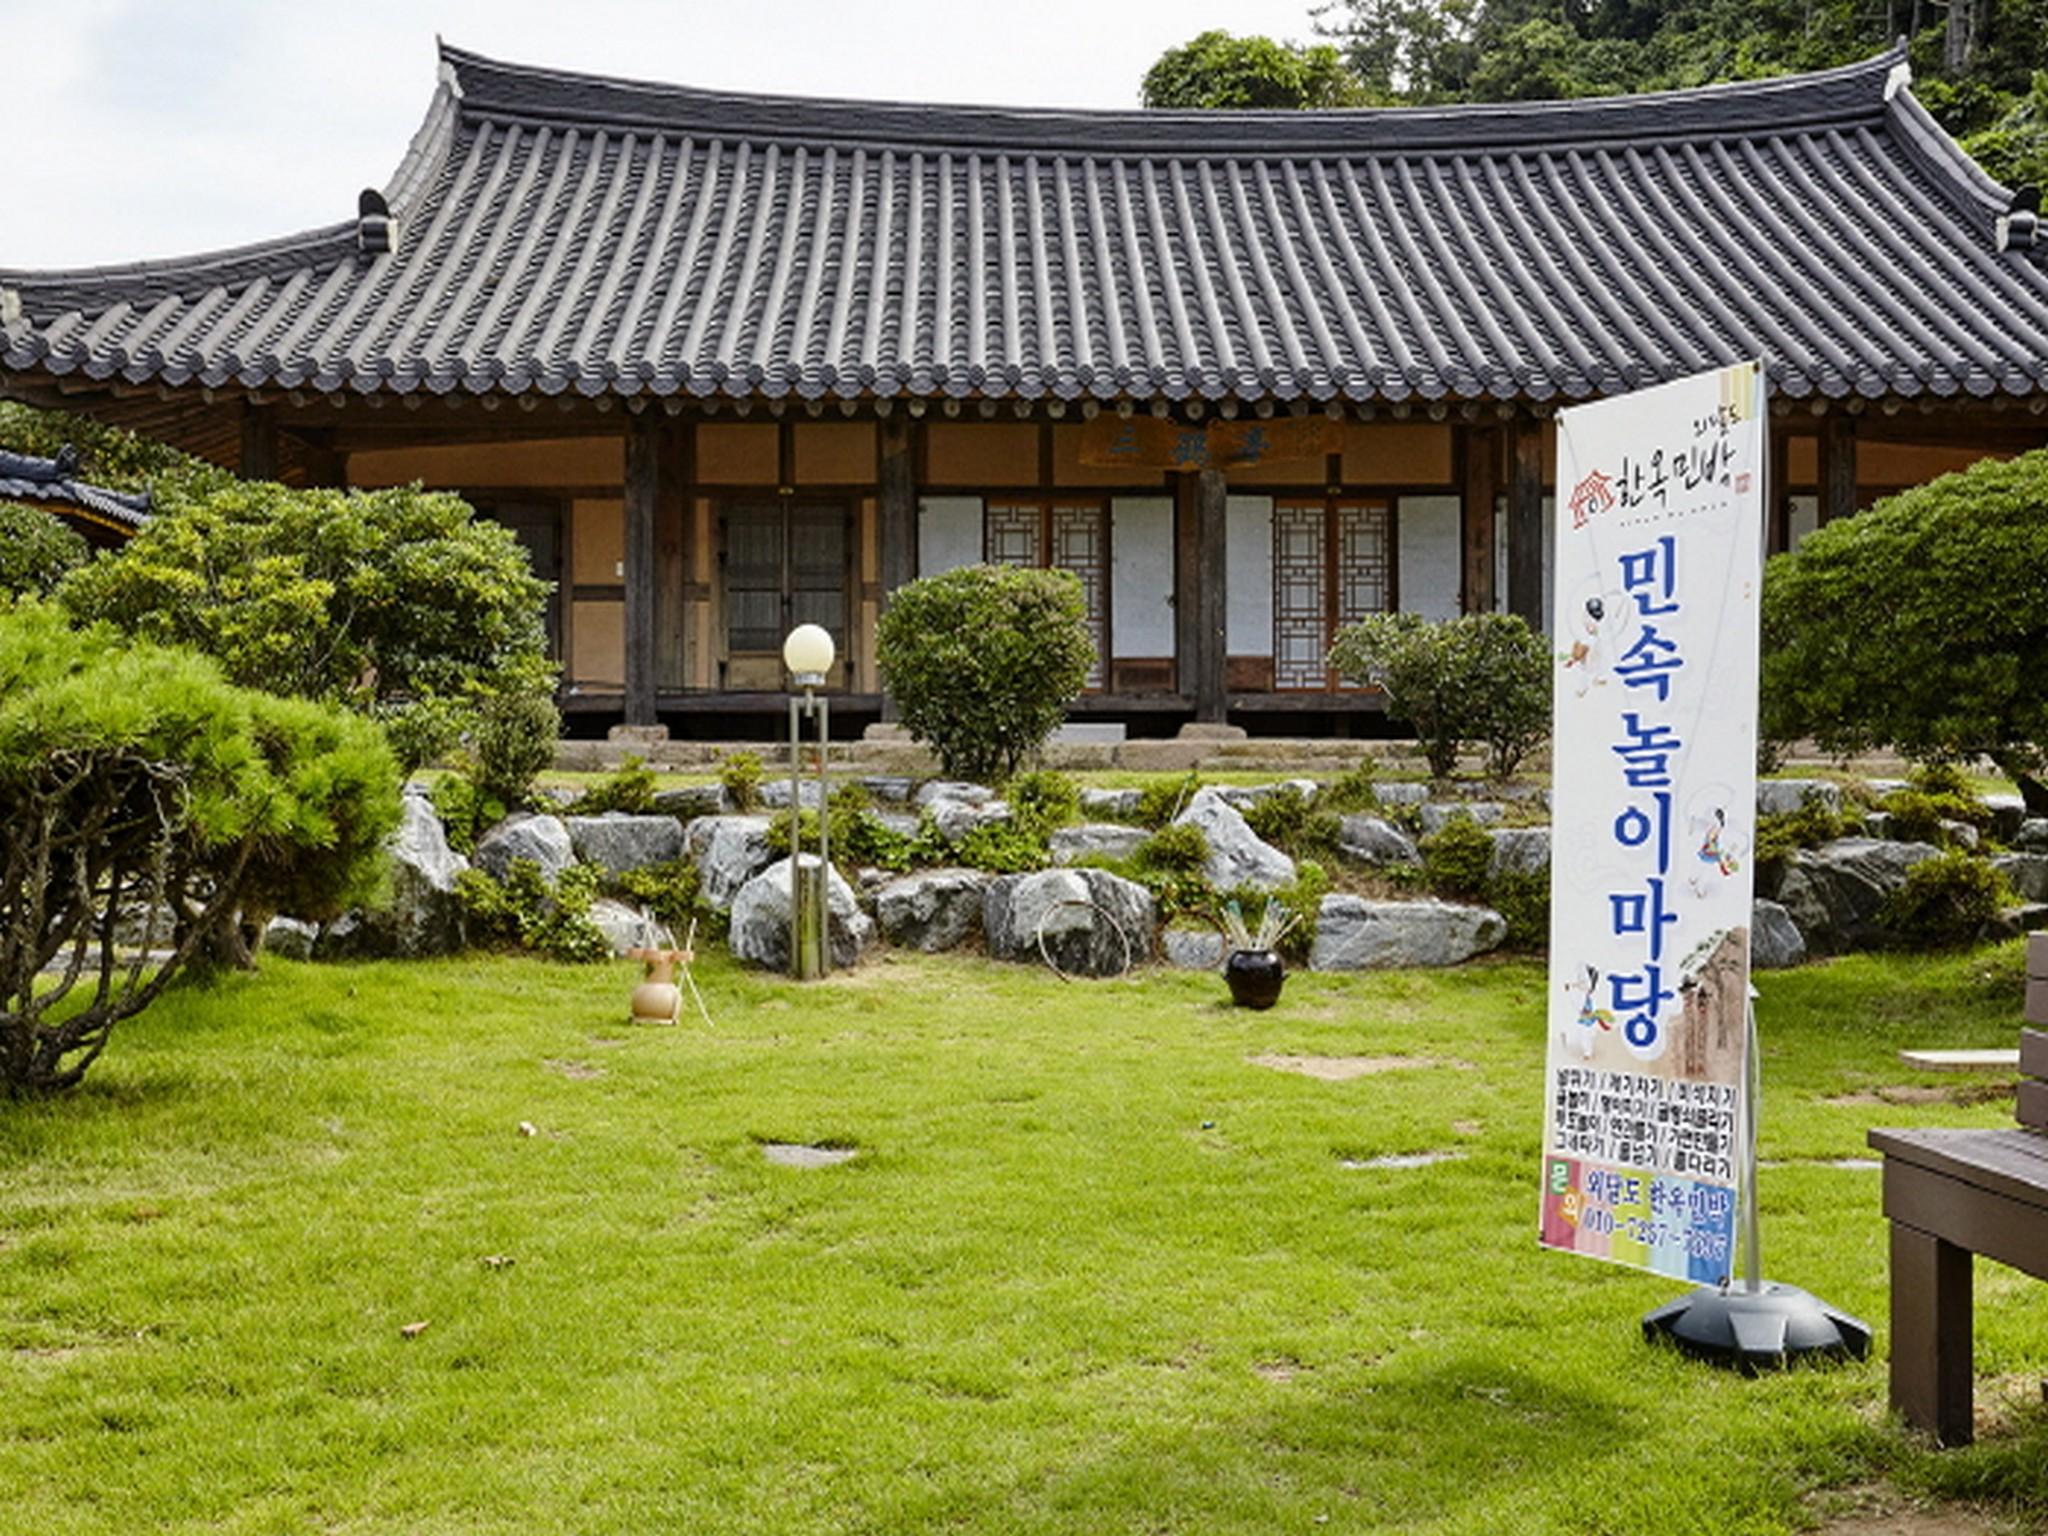 Mokpo Island Hanok Guesthouse, Yeongam